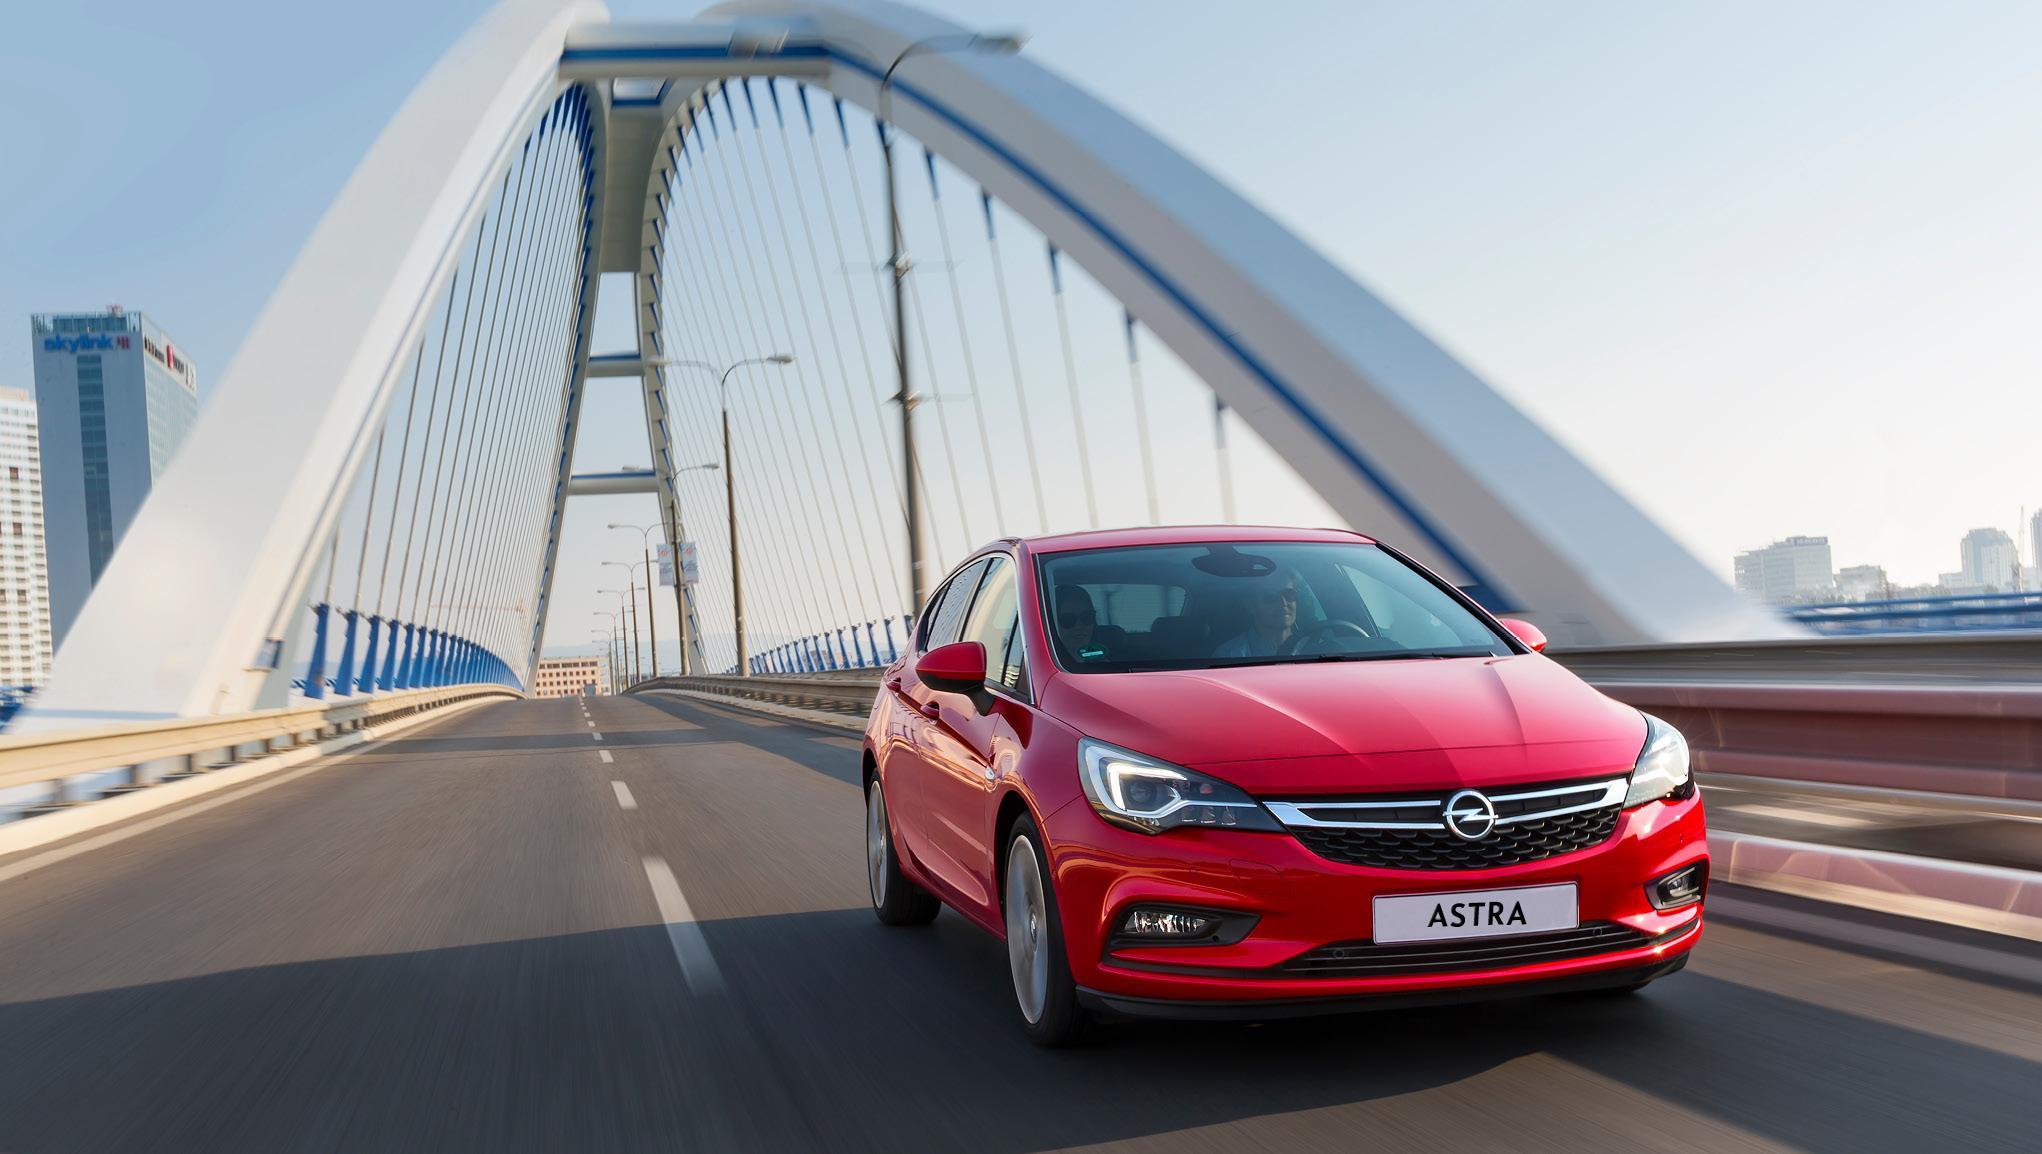 Opel Forsikring - Få en god bilforsikring til din Opel